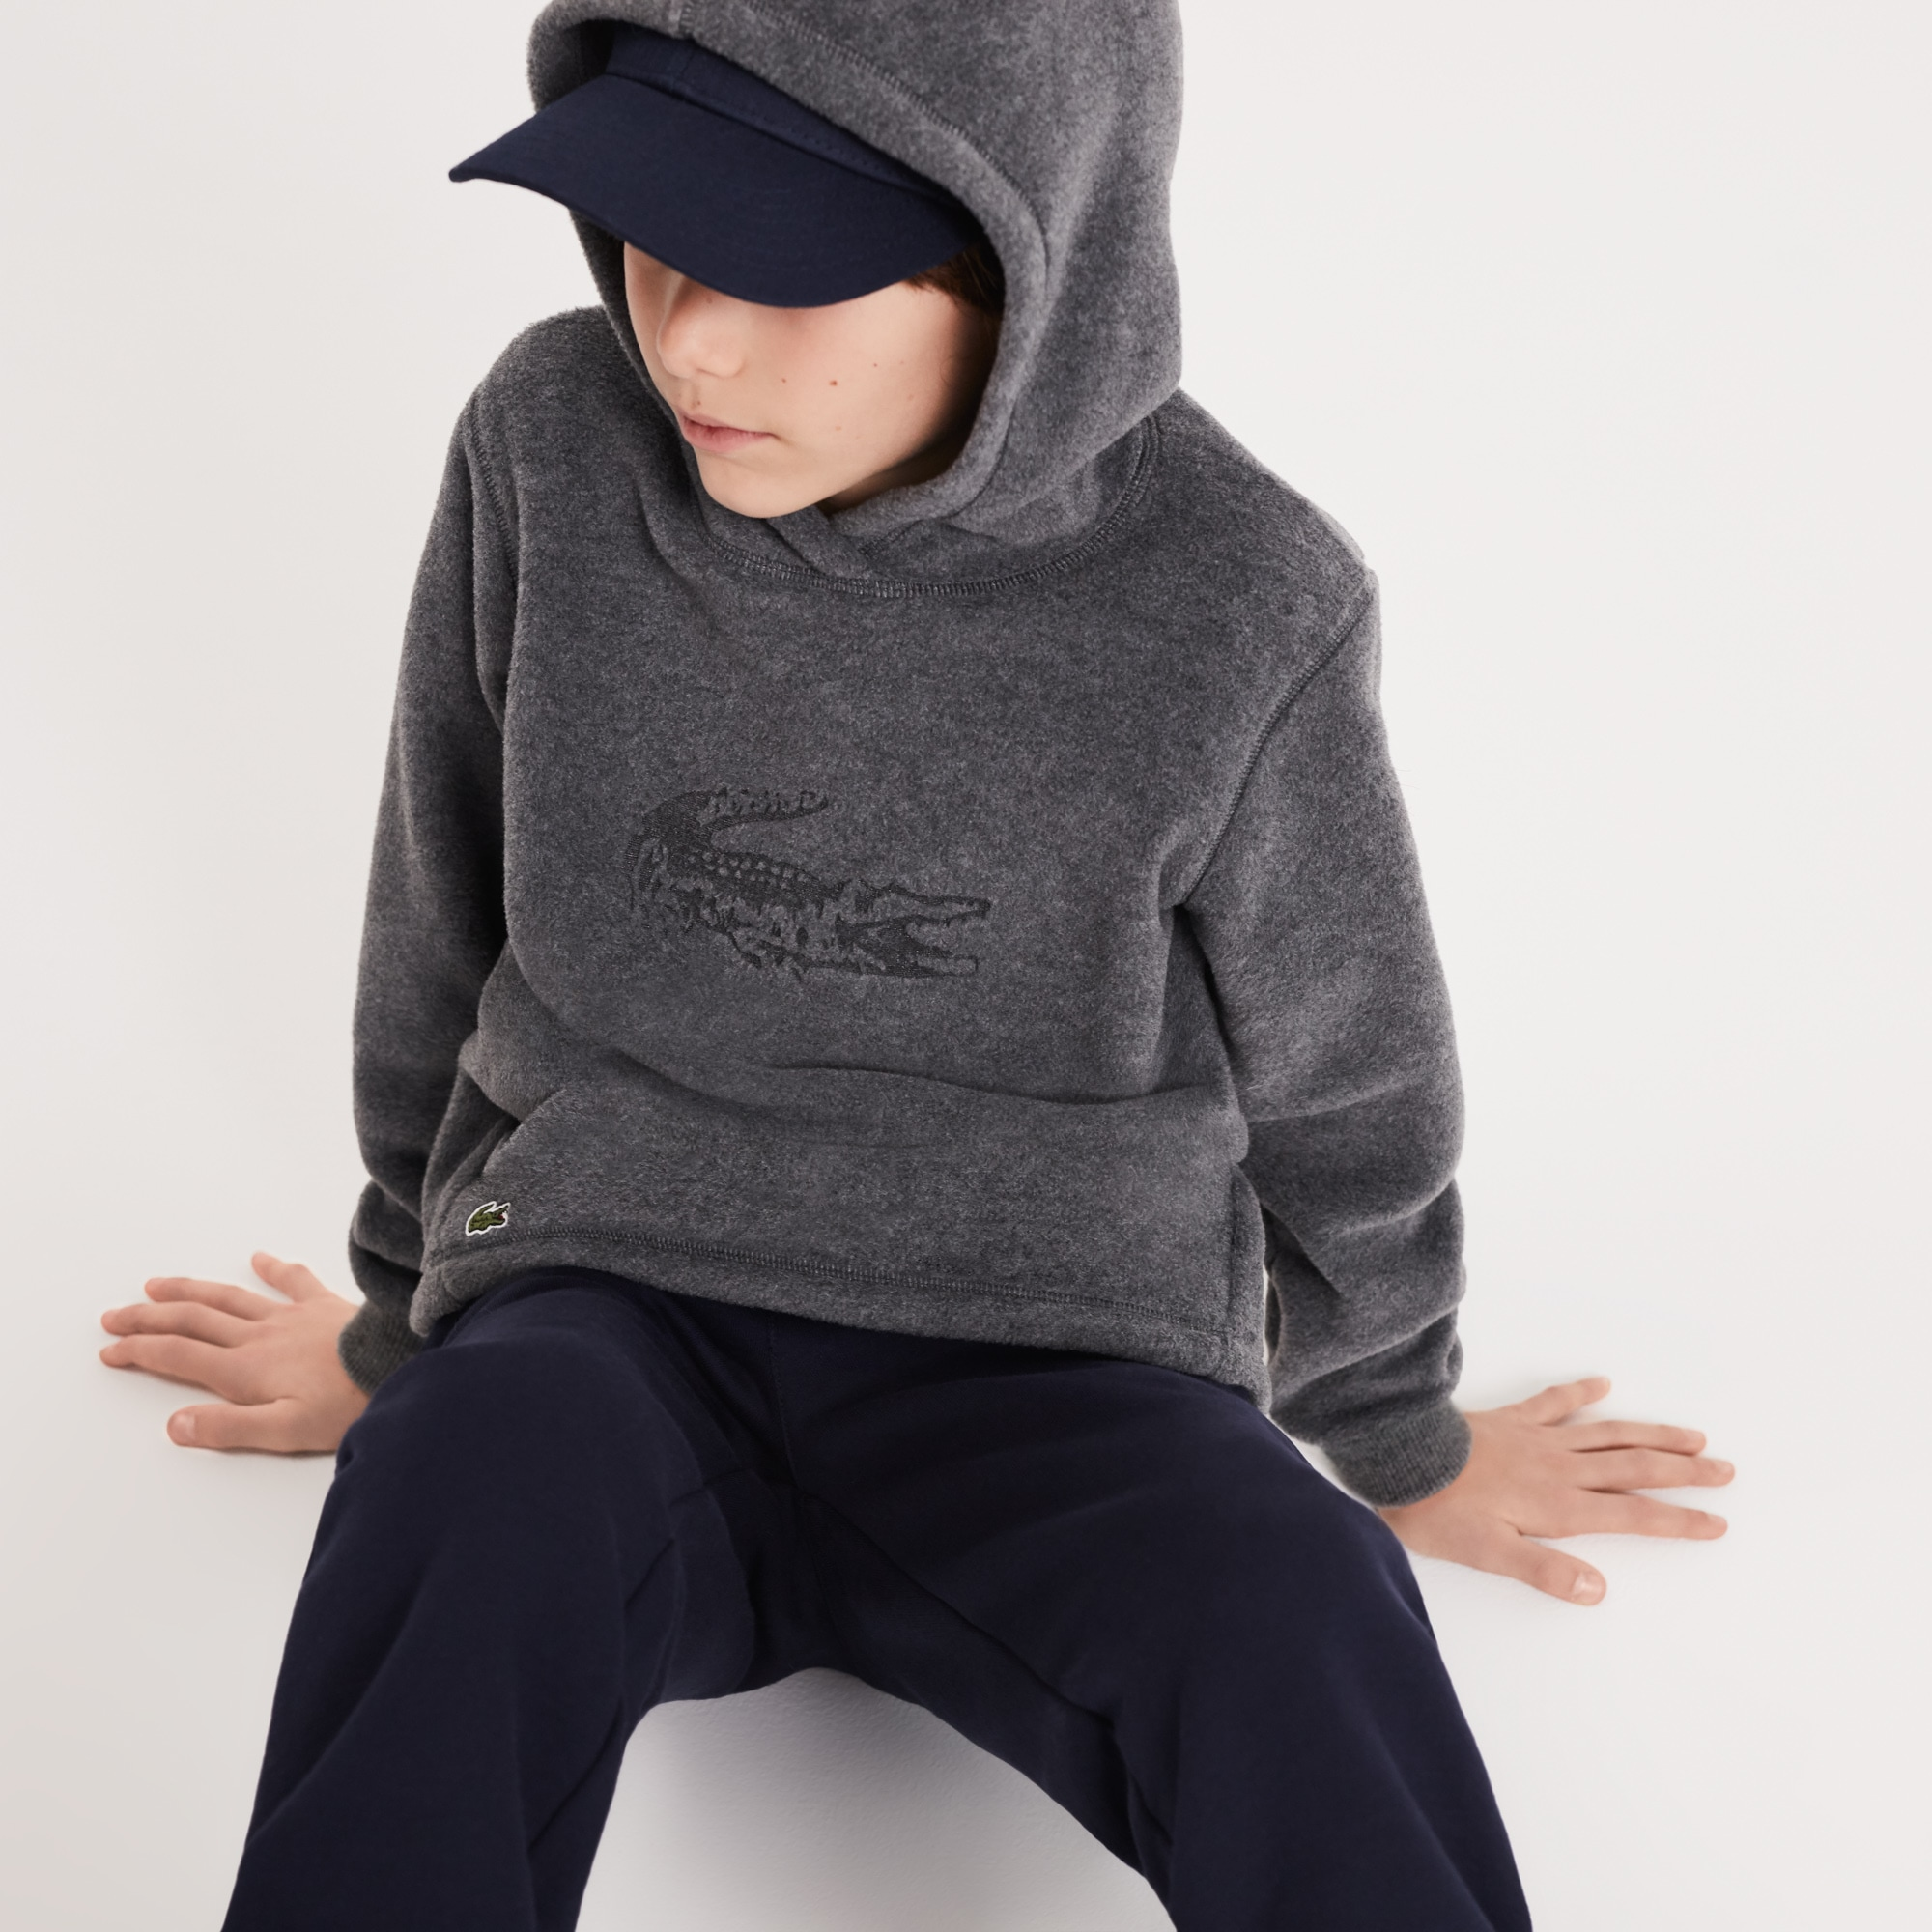 Sweatshirt com capuz Menino em polar com crocodilo em tamanho grande